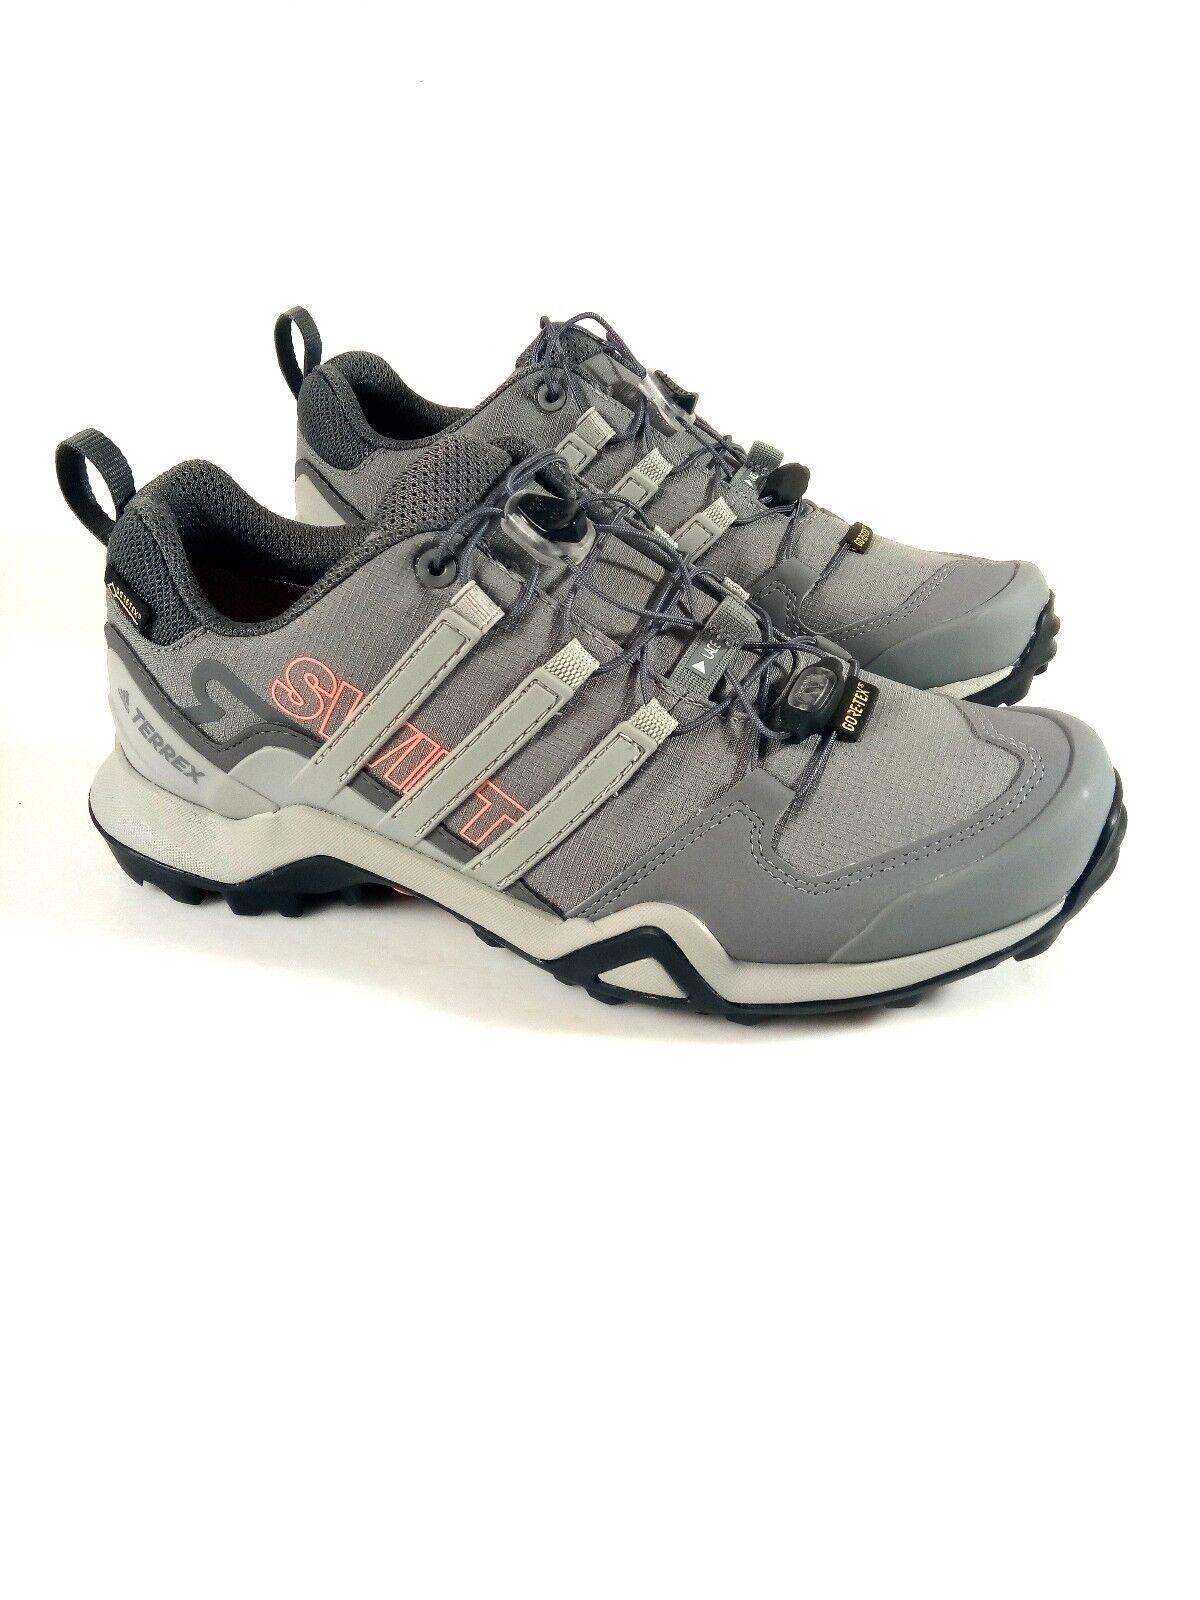 Adidas Damenss terrex swift r2 gtx gtx gtx trail running schuhe trainer turnschuhe größe 8 d1fc11